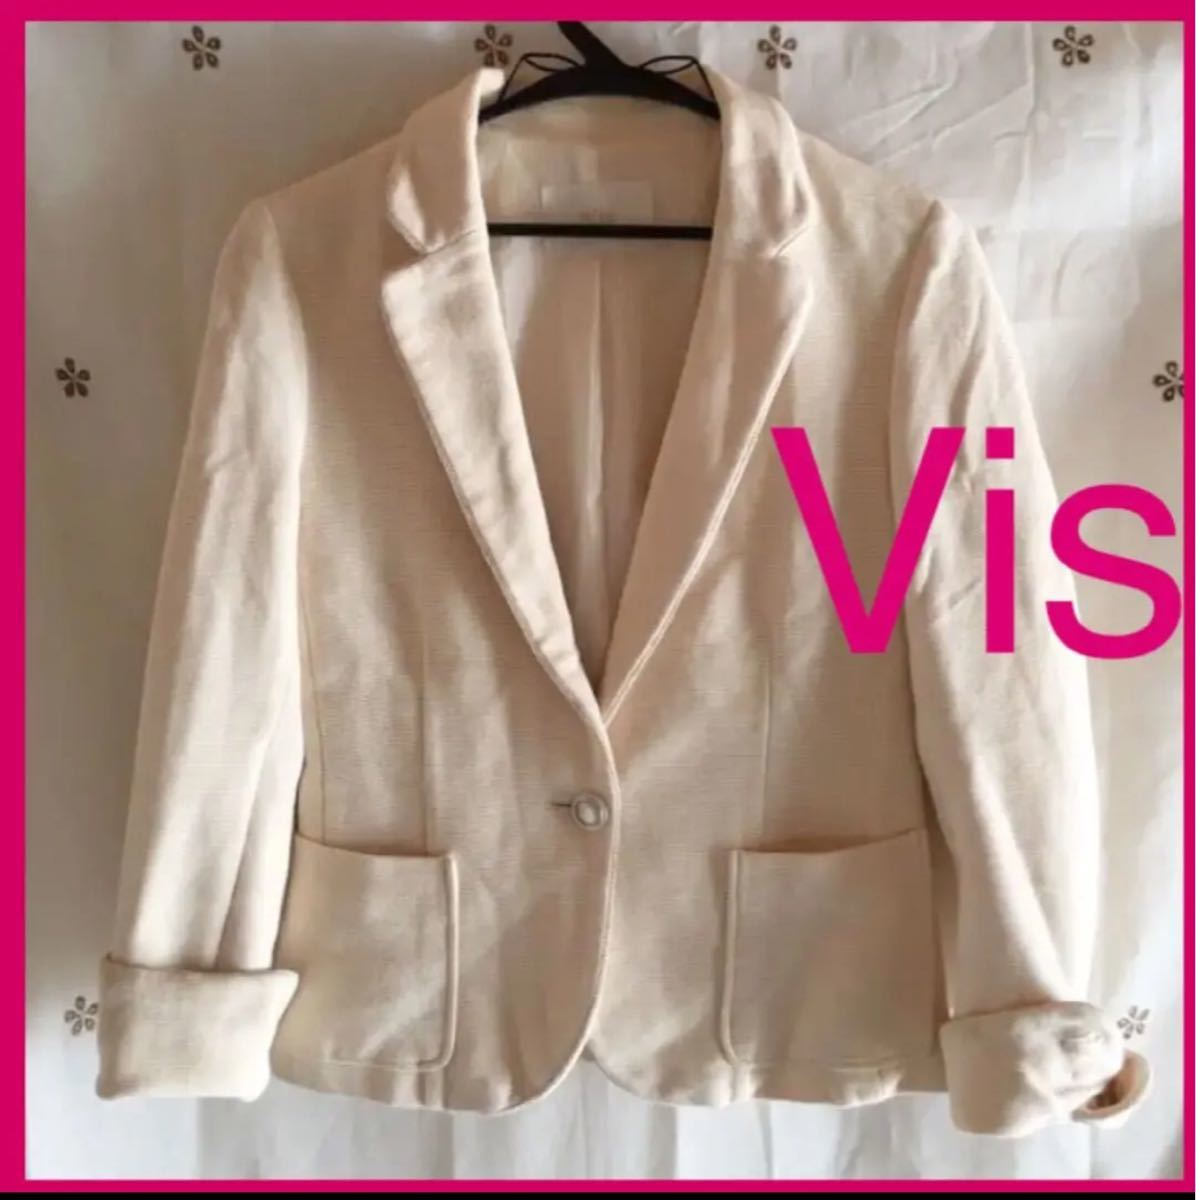 テーラードジャケット アイボリー ホワイト 卒園式 入学式 ジャケット Vis 白 S